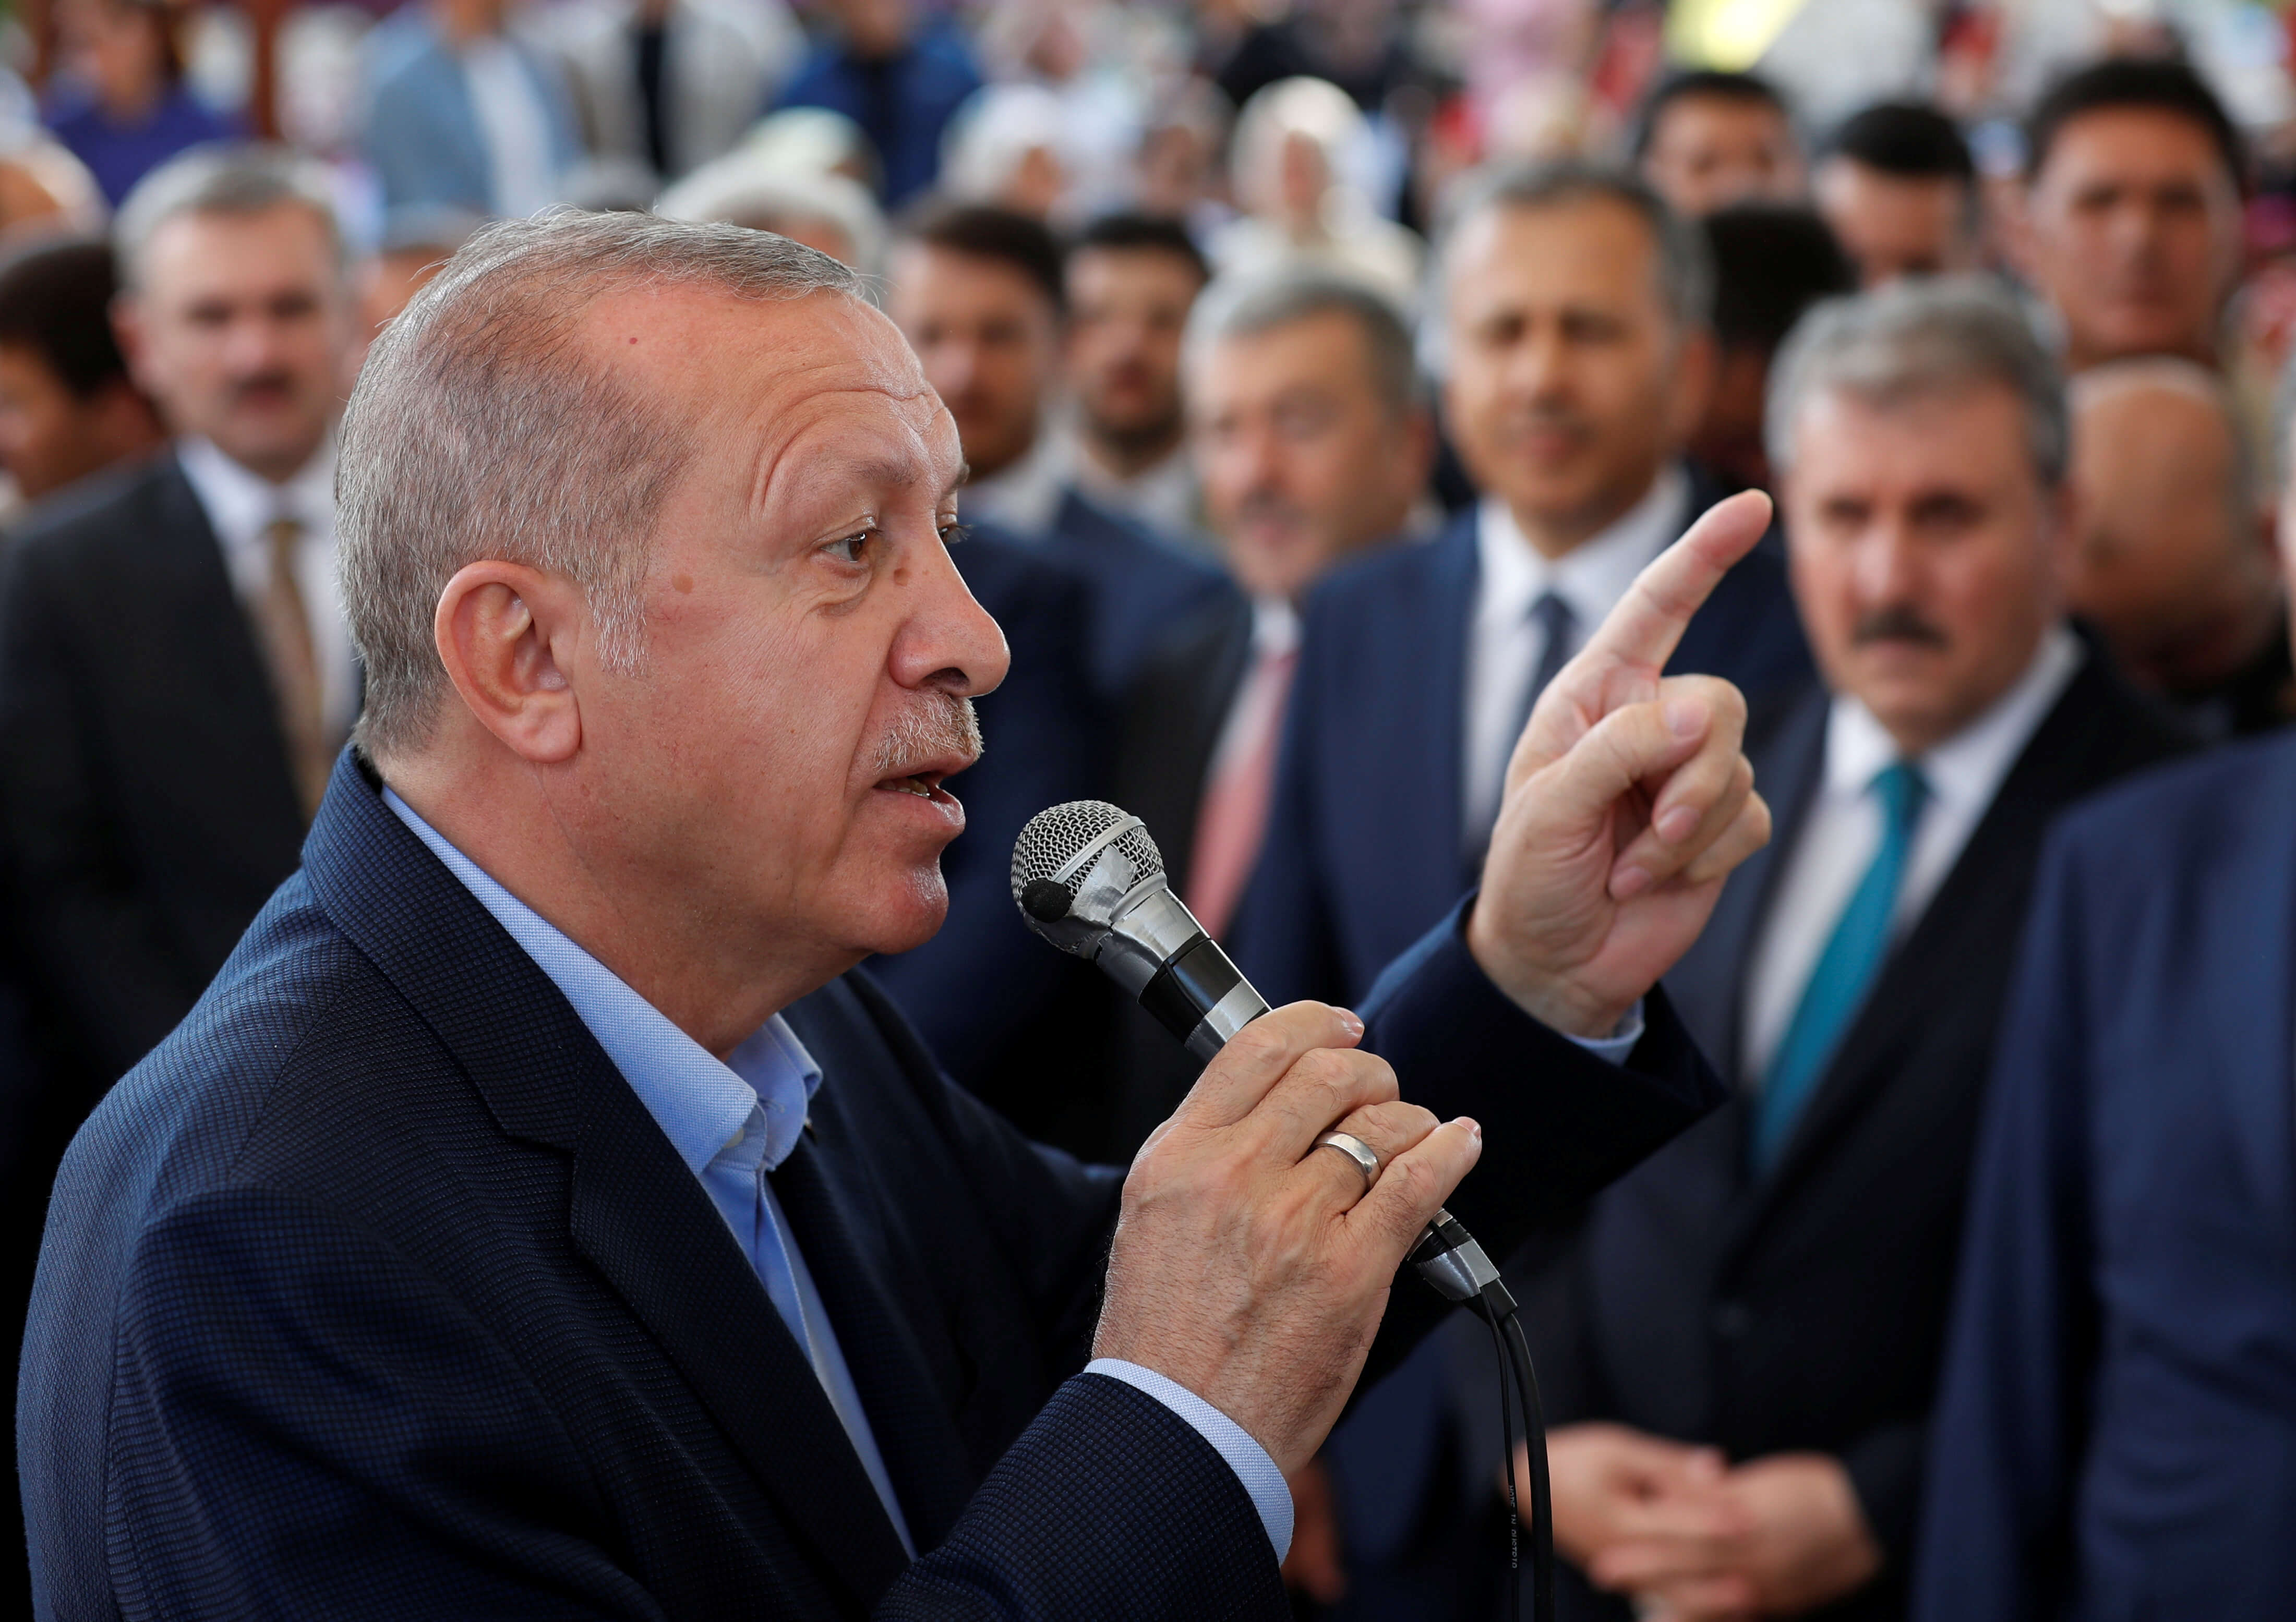 """Εκλογές Κωνσταντινούπολη: """"Πόλεμος"""" Ερντογάν στην ελληνική μειονότητα μέσω Ιμάμογλου"""